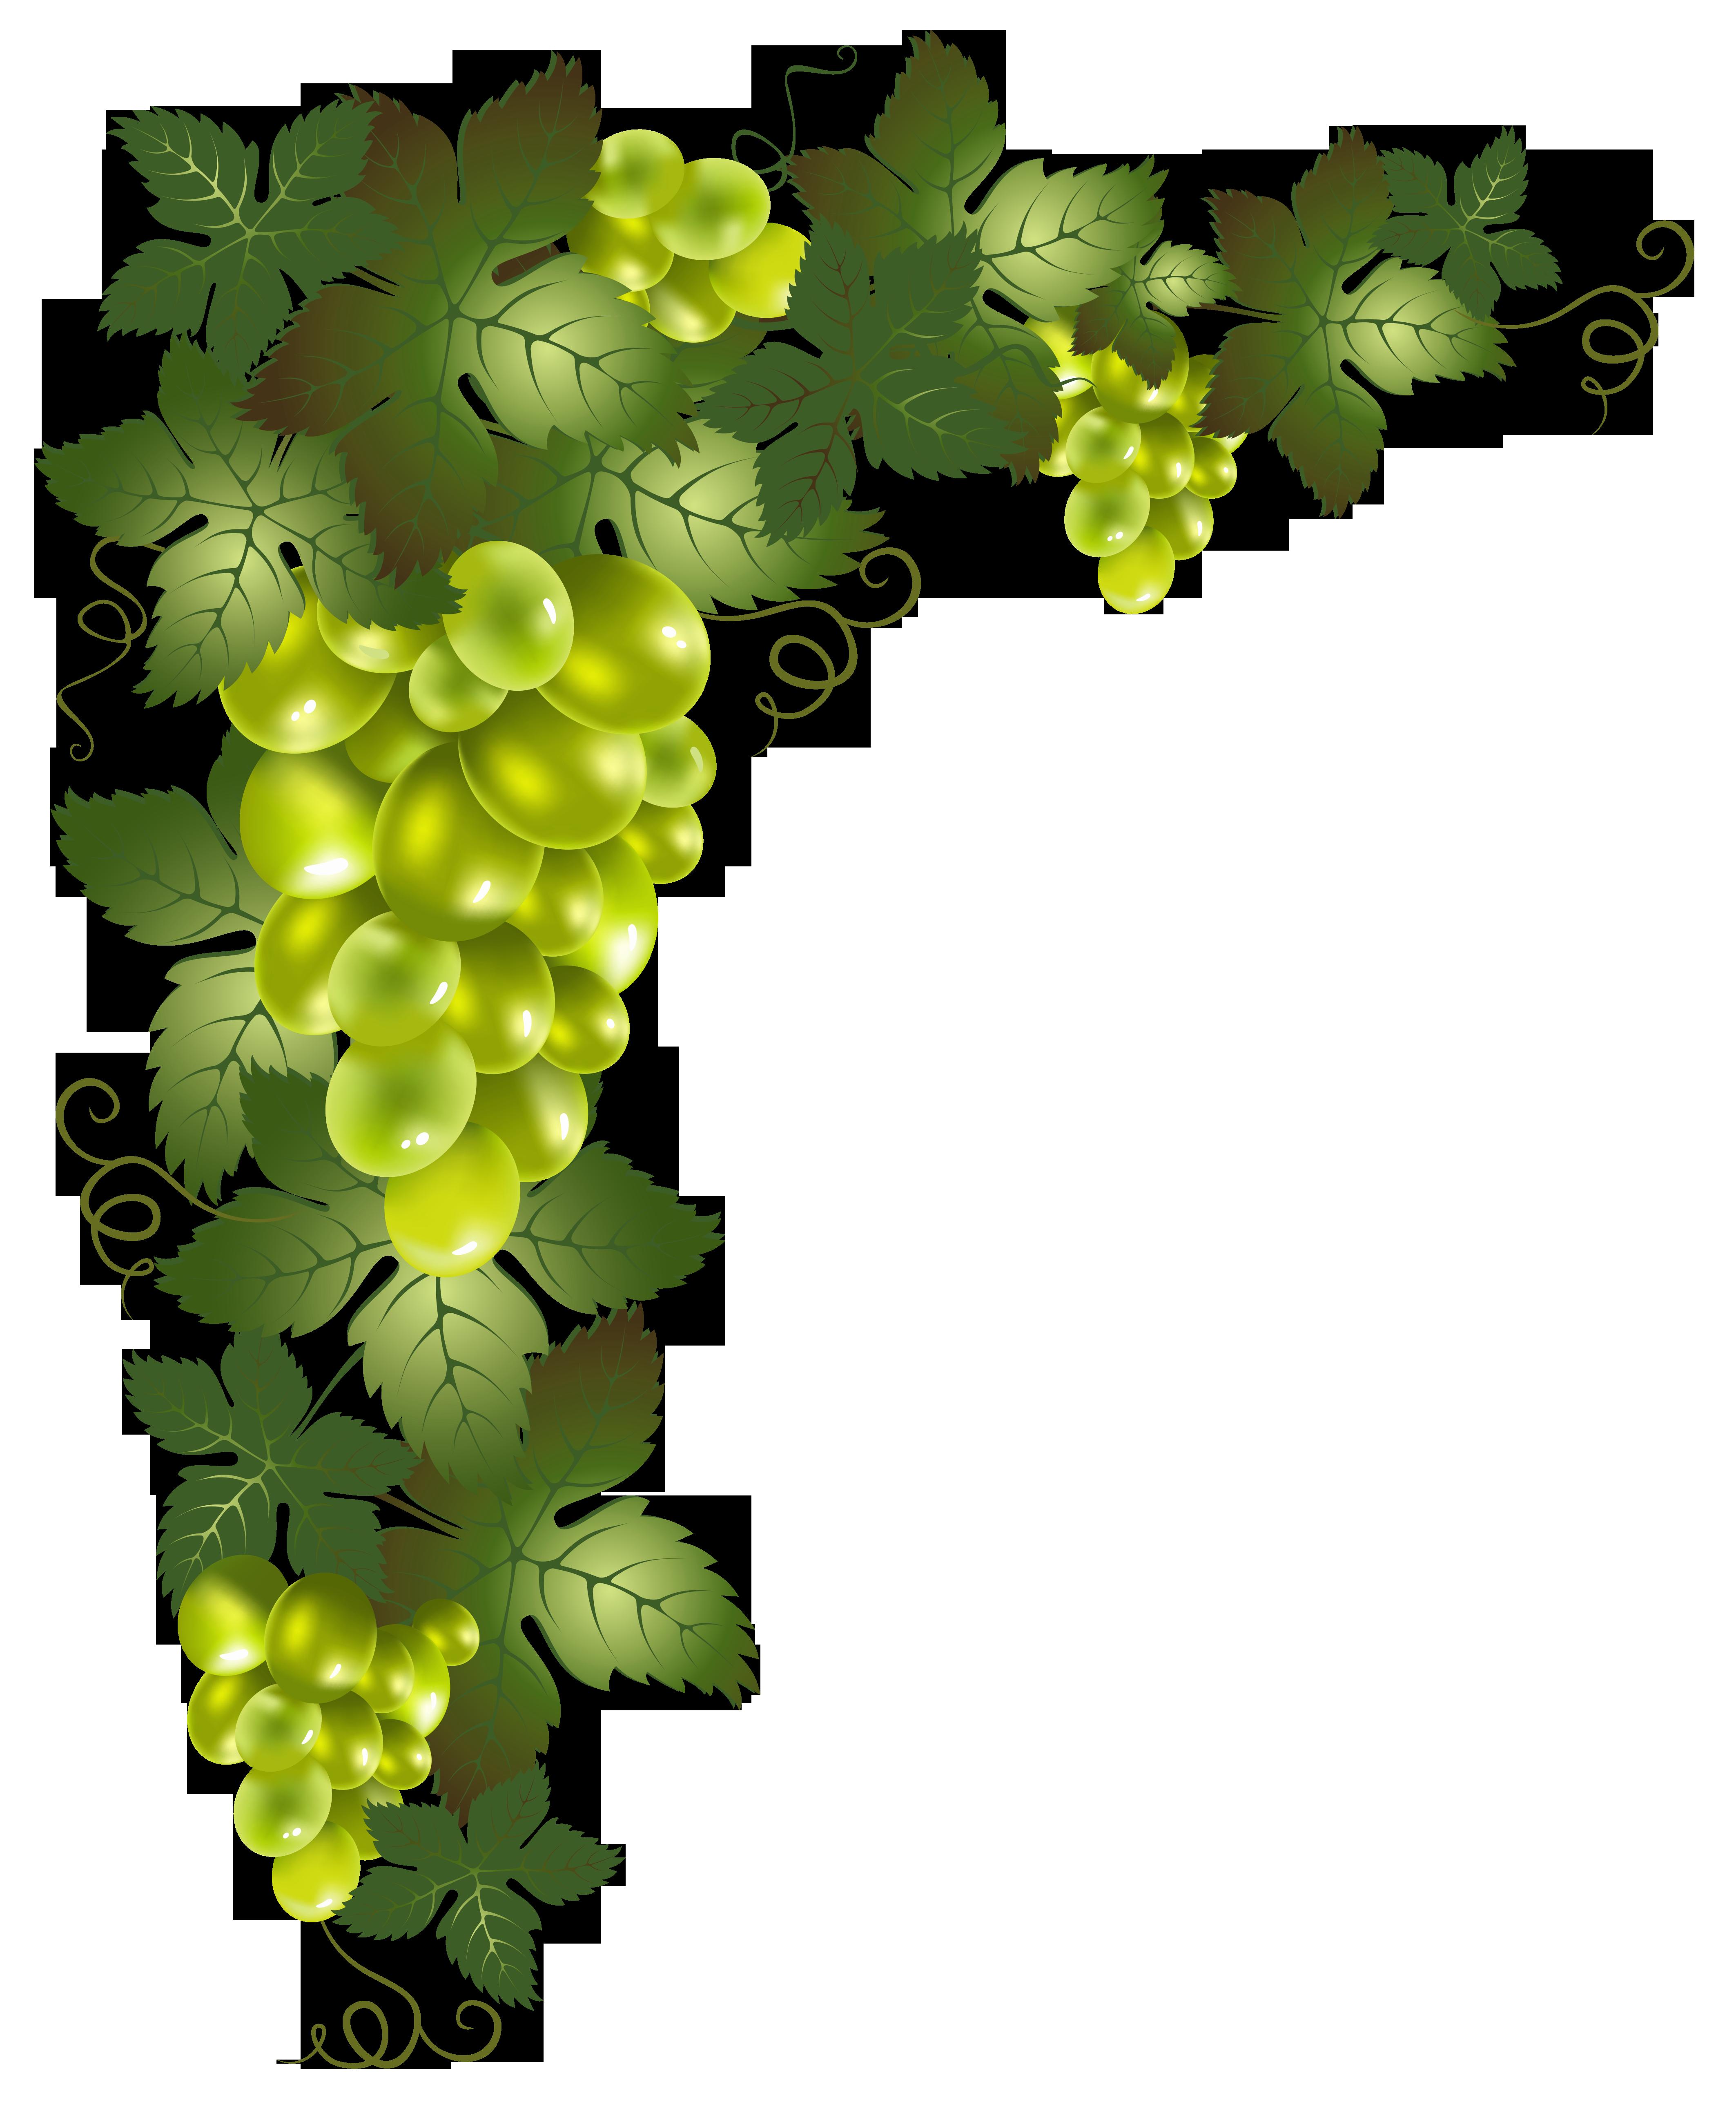 Vines clipart easter. Transparent vine decorative element